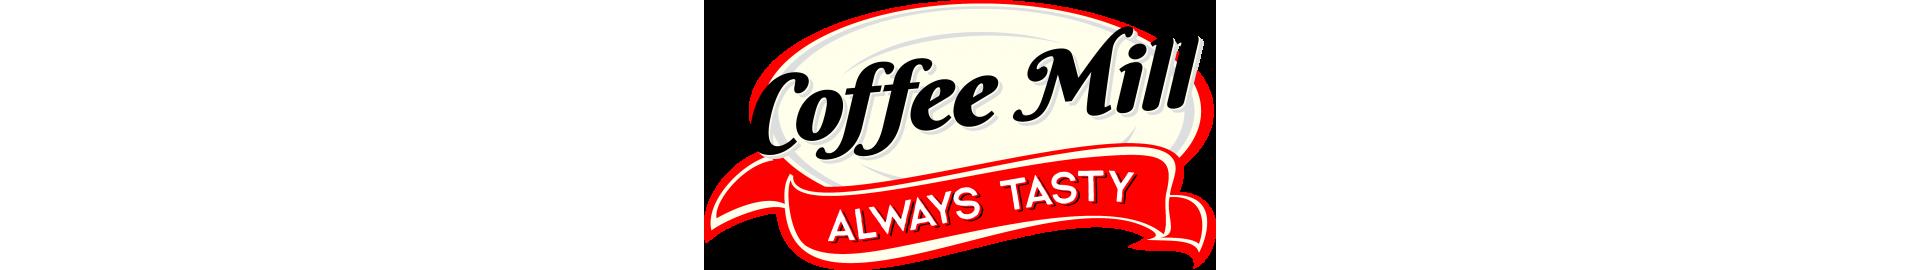 Coffee Mill  | Royalsmoke.co.uk